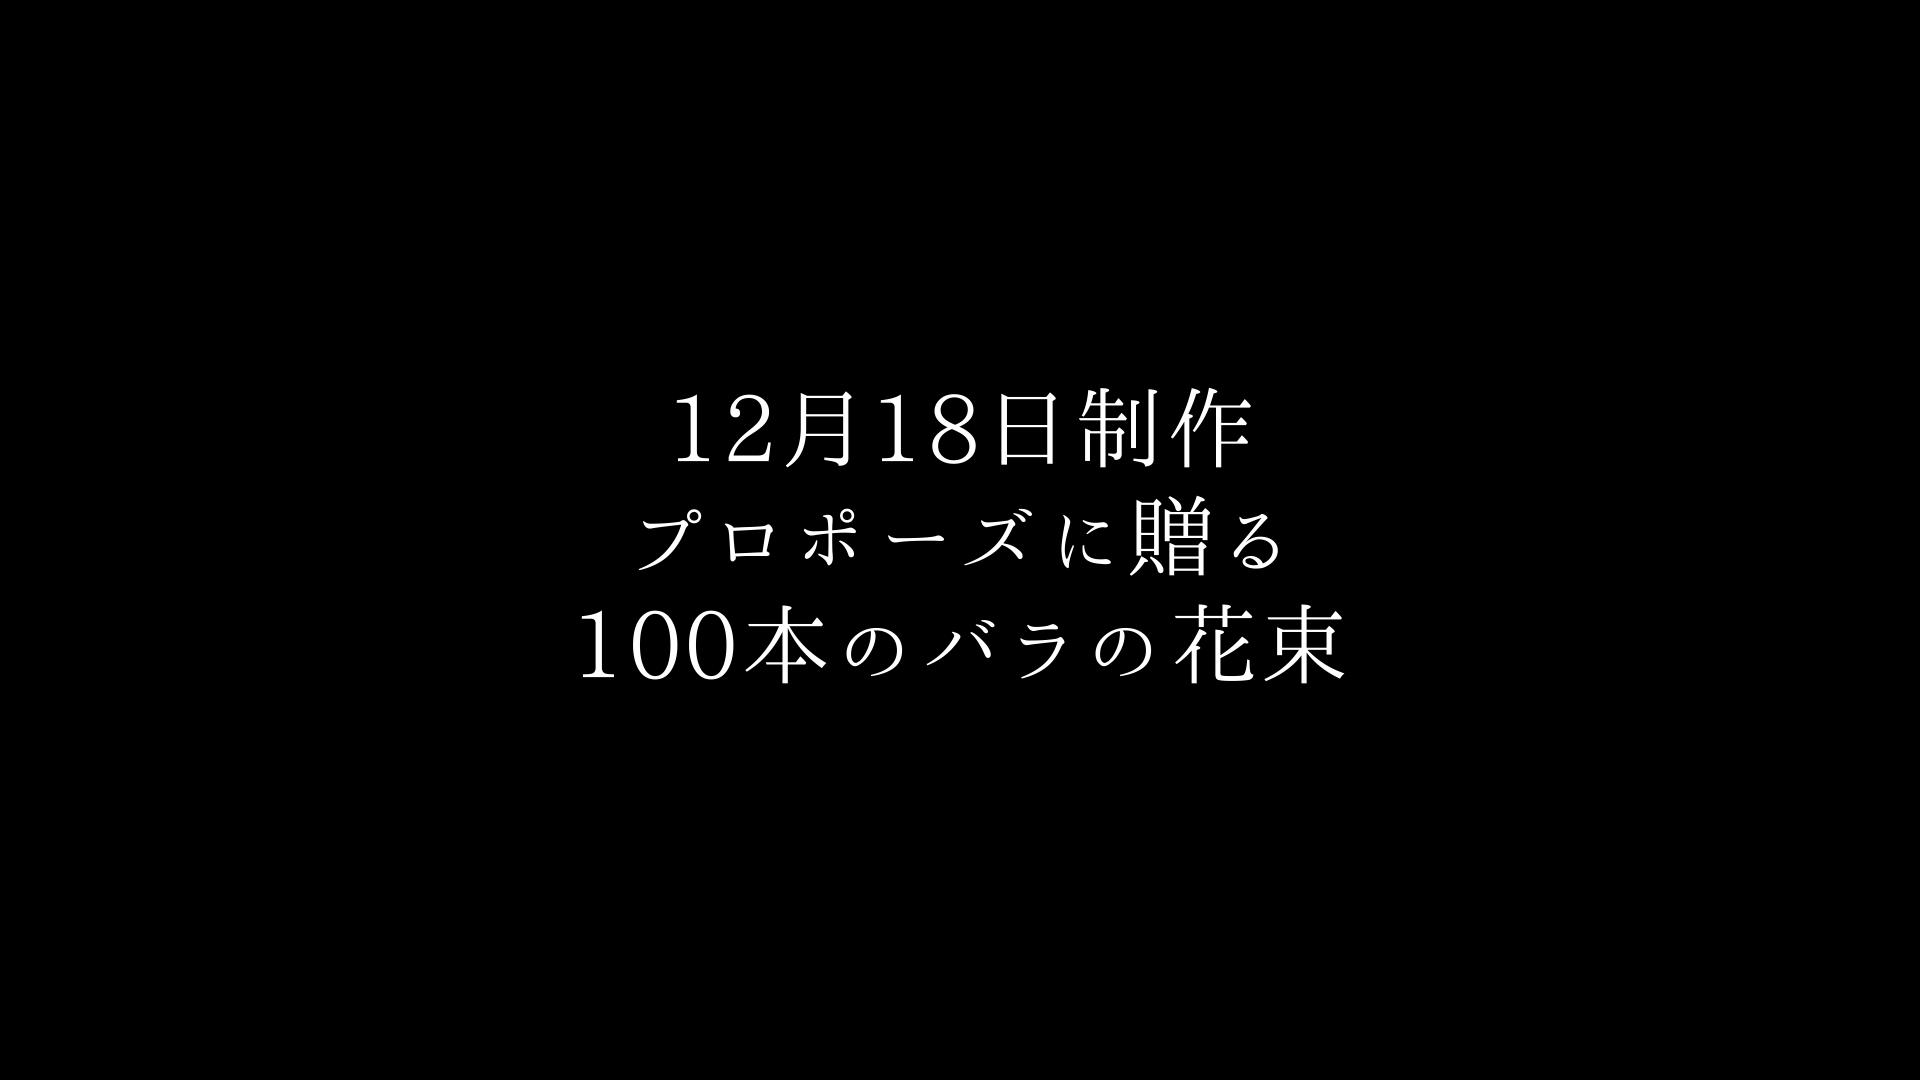 プロポーズに贈るバラ100本の花束制作動画 2020.12.18撮影